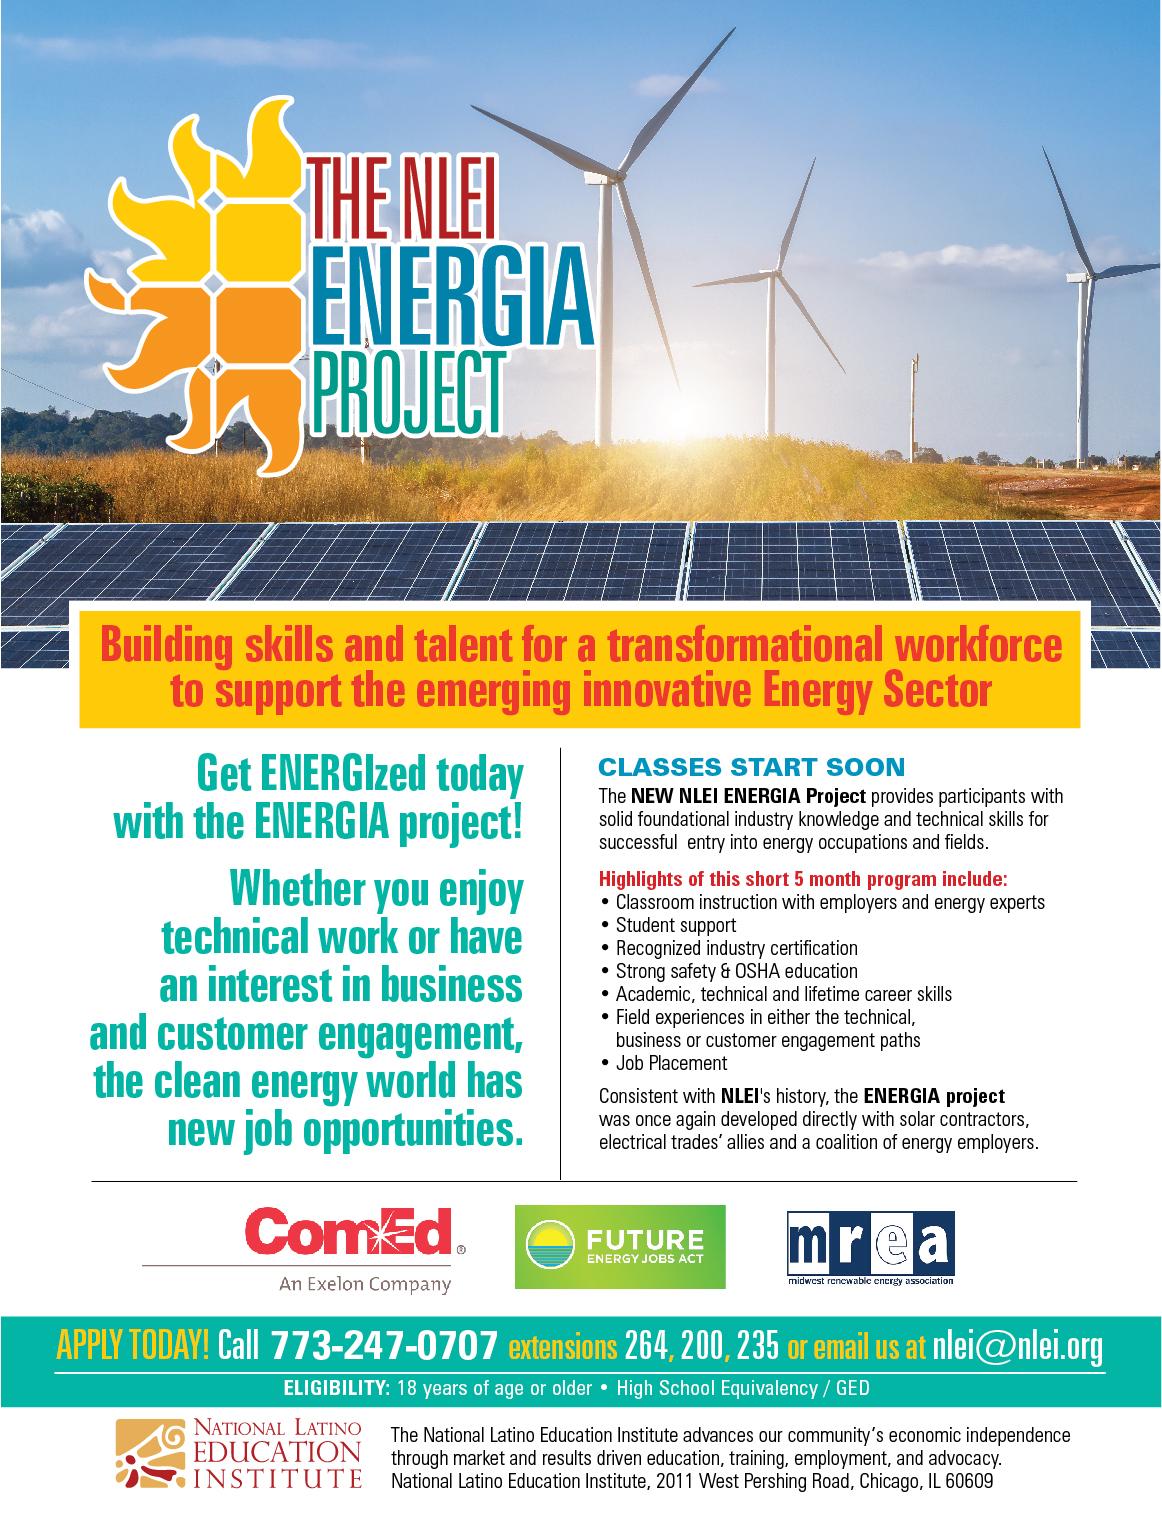 NLEI_Energia_Project.jpg